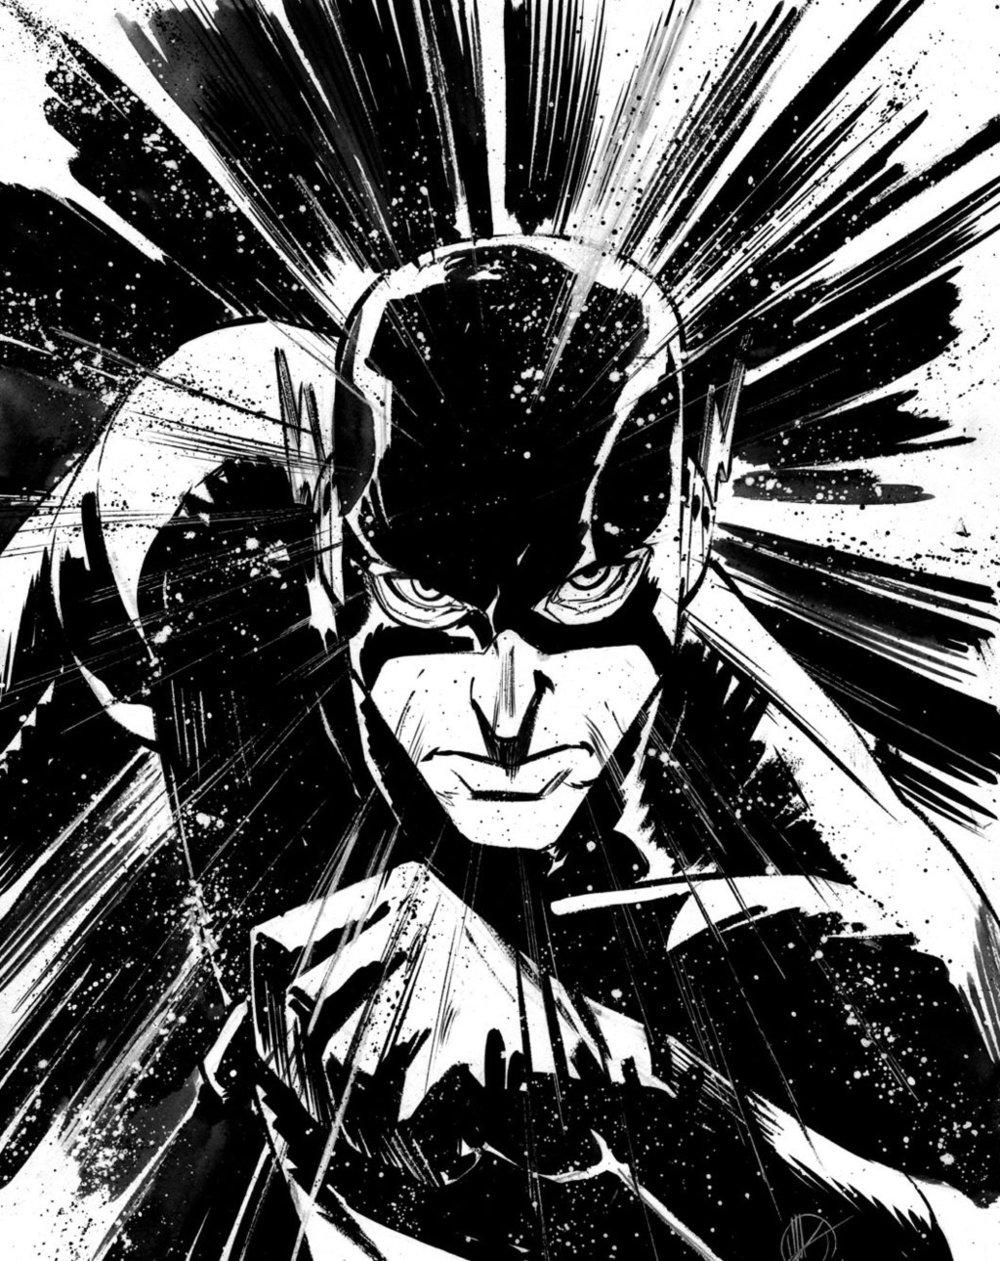 Flash, Matteo Scalera